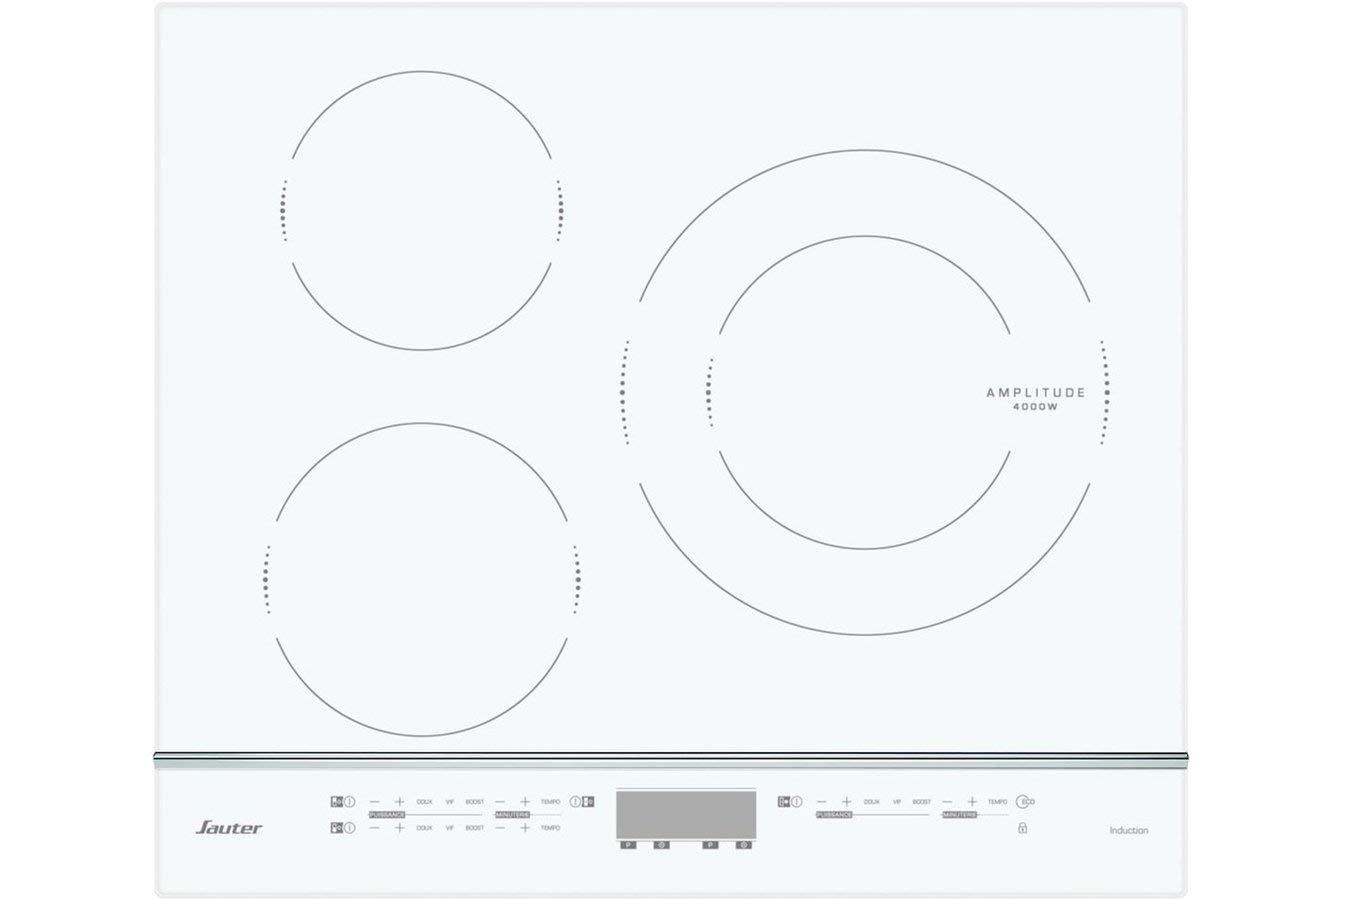 Meilleure Marque Plaque Induction 2015 Luxe Photographie Sauter Spi4360w Intégré Induction Blanc Plaque Plaques Intégré